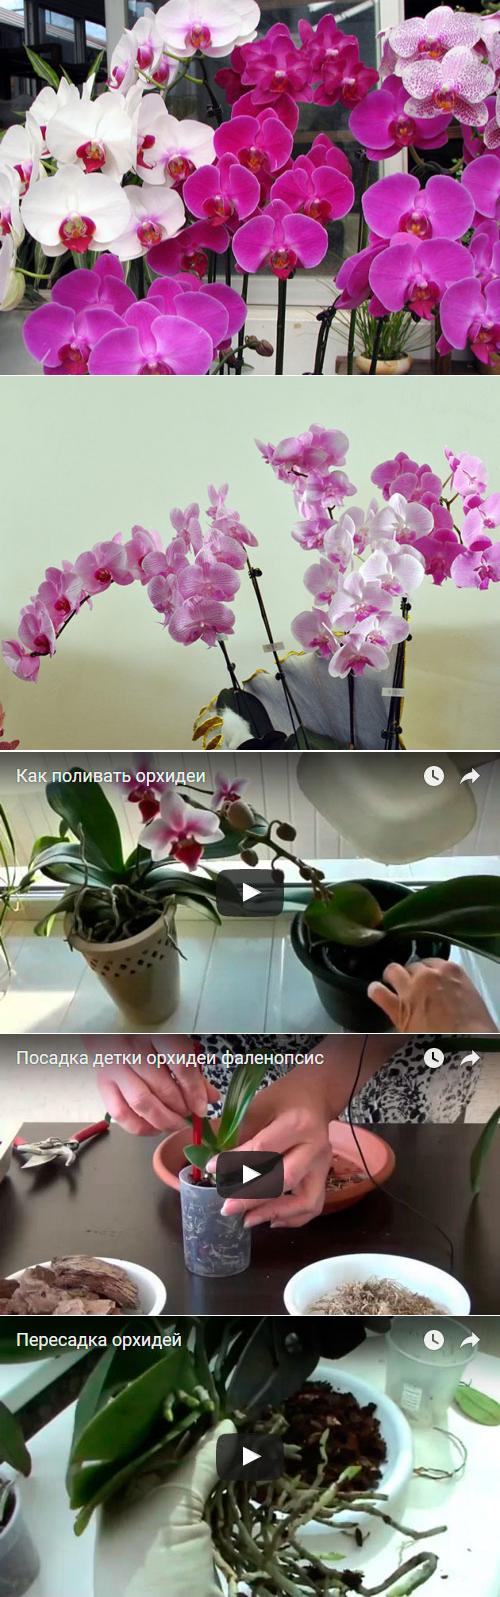 Размножение орхидеи в домашних условиях: пошаговые инструкции